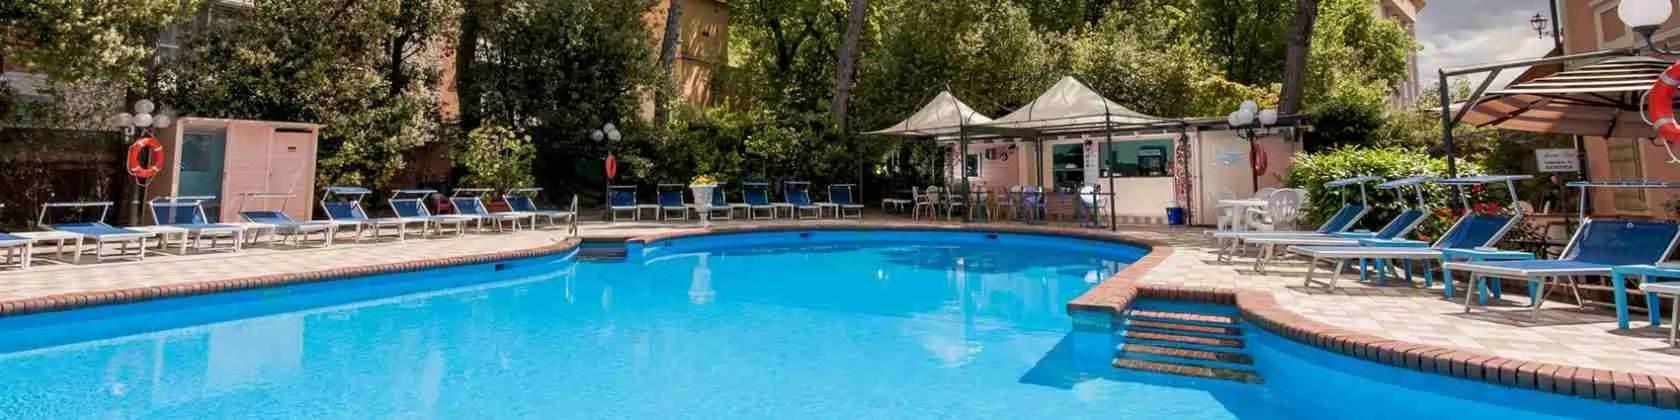 Per un soggiorno indimenticabile, le escort Montecatini Terme scelgono i resort e gli alberghi di lusso presenti a Montecatini Terme.